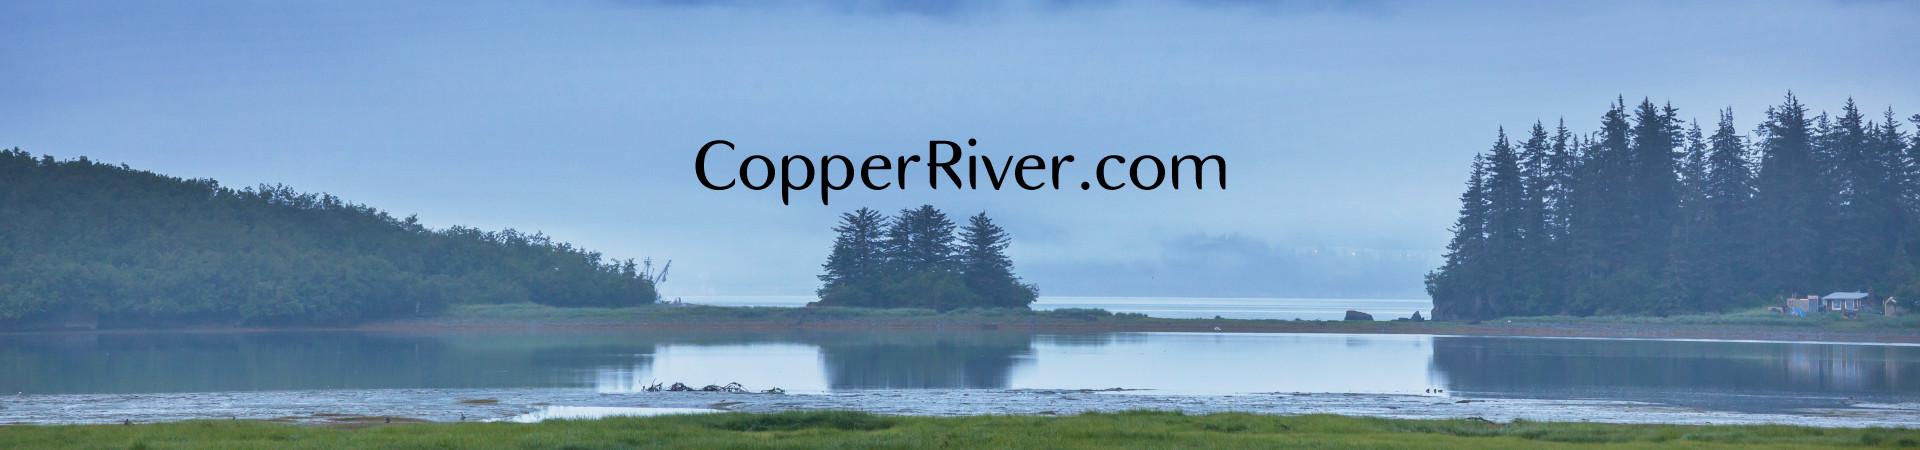 CopperRiver.com Cart Header